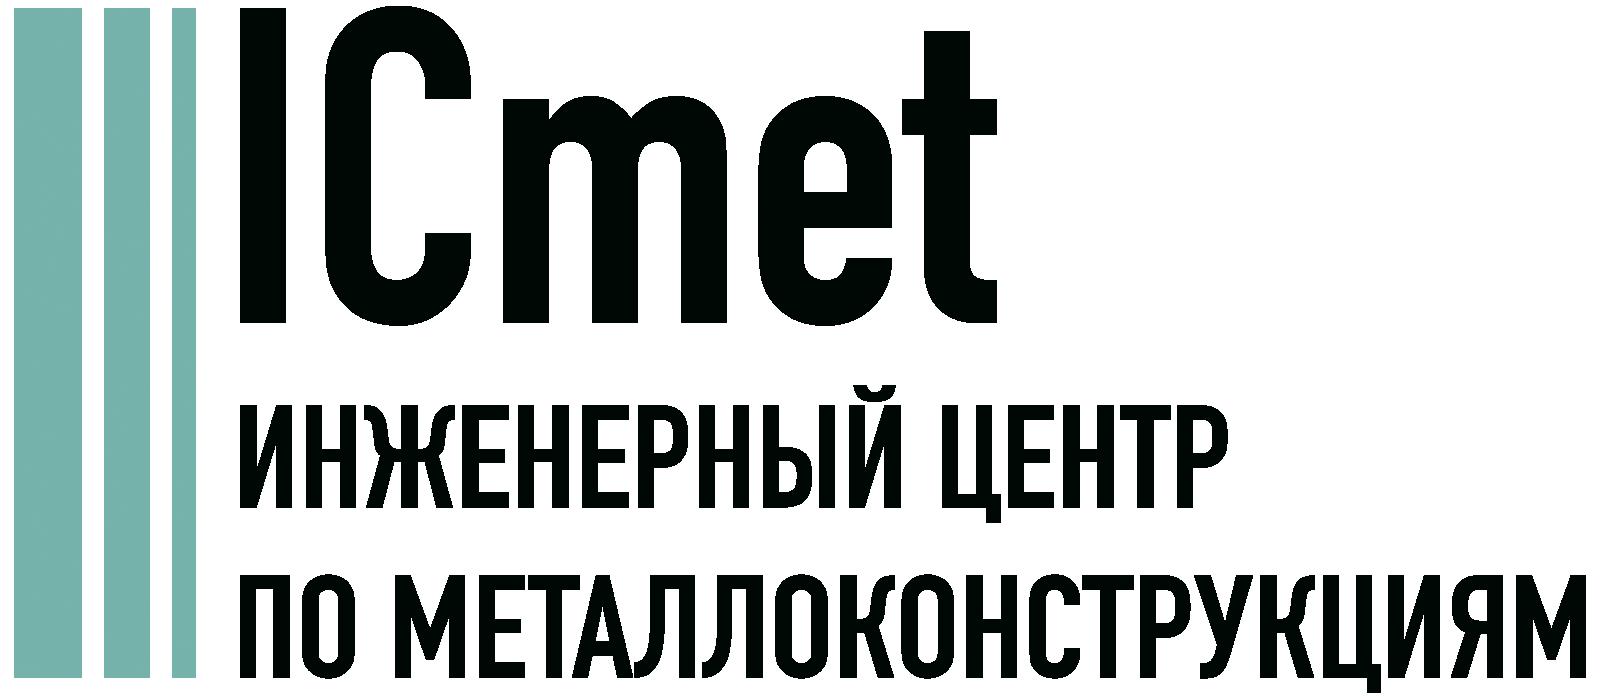 Проектирование металлоконструкций в Кемерово